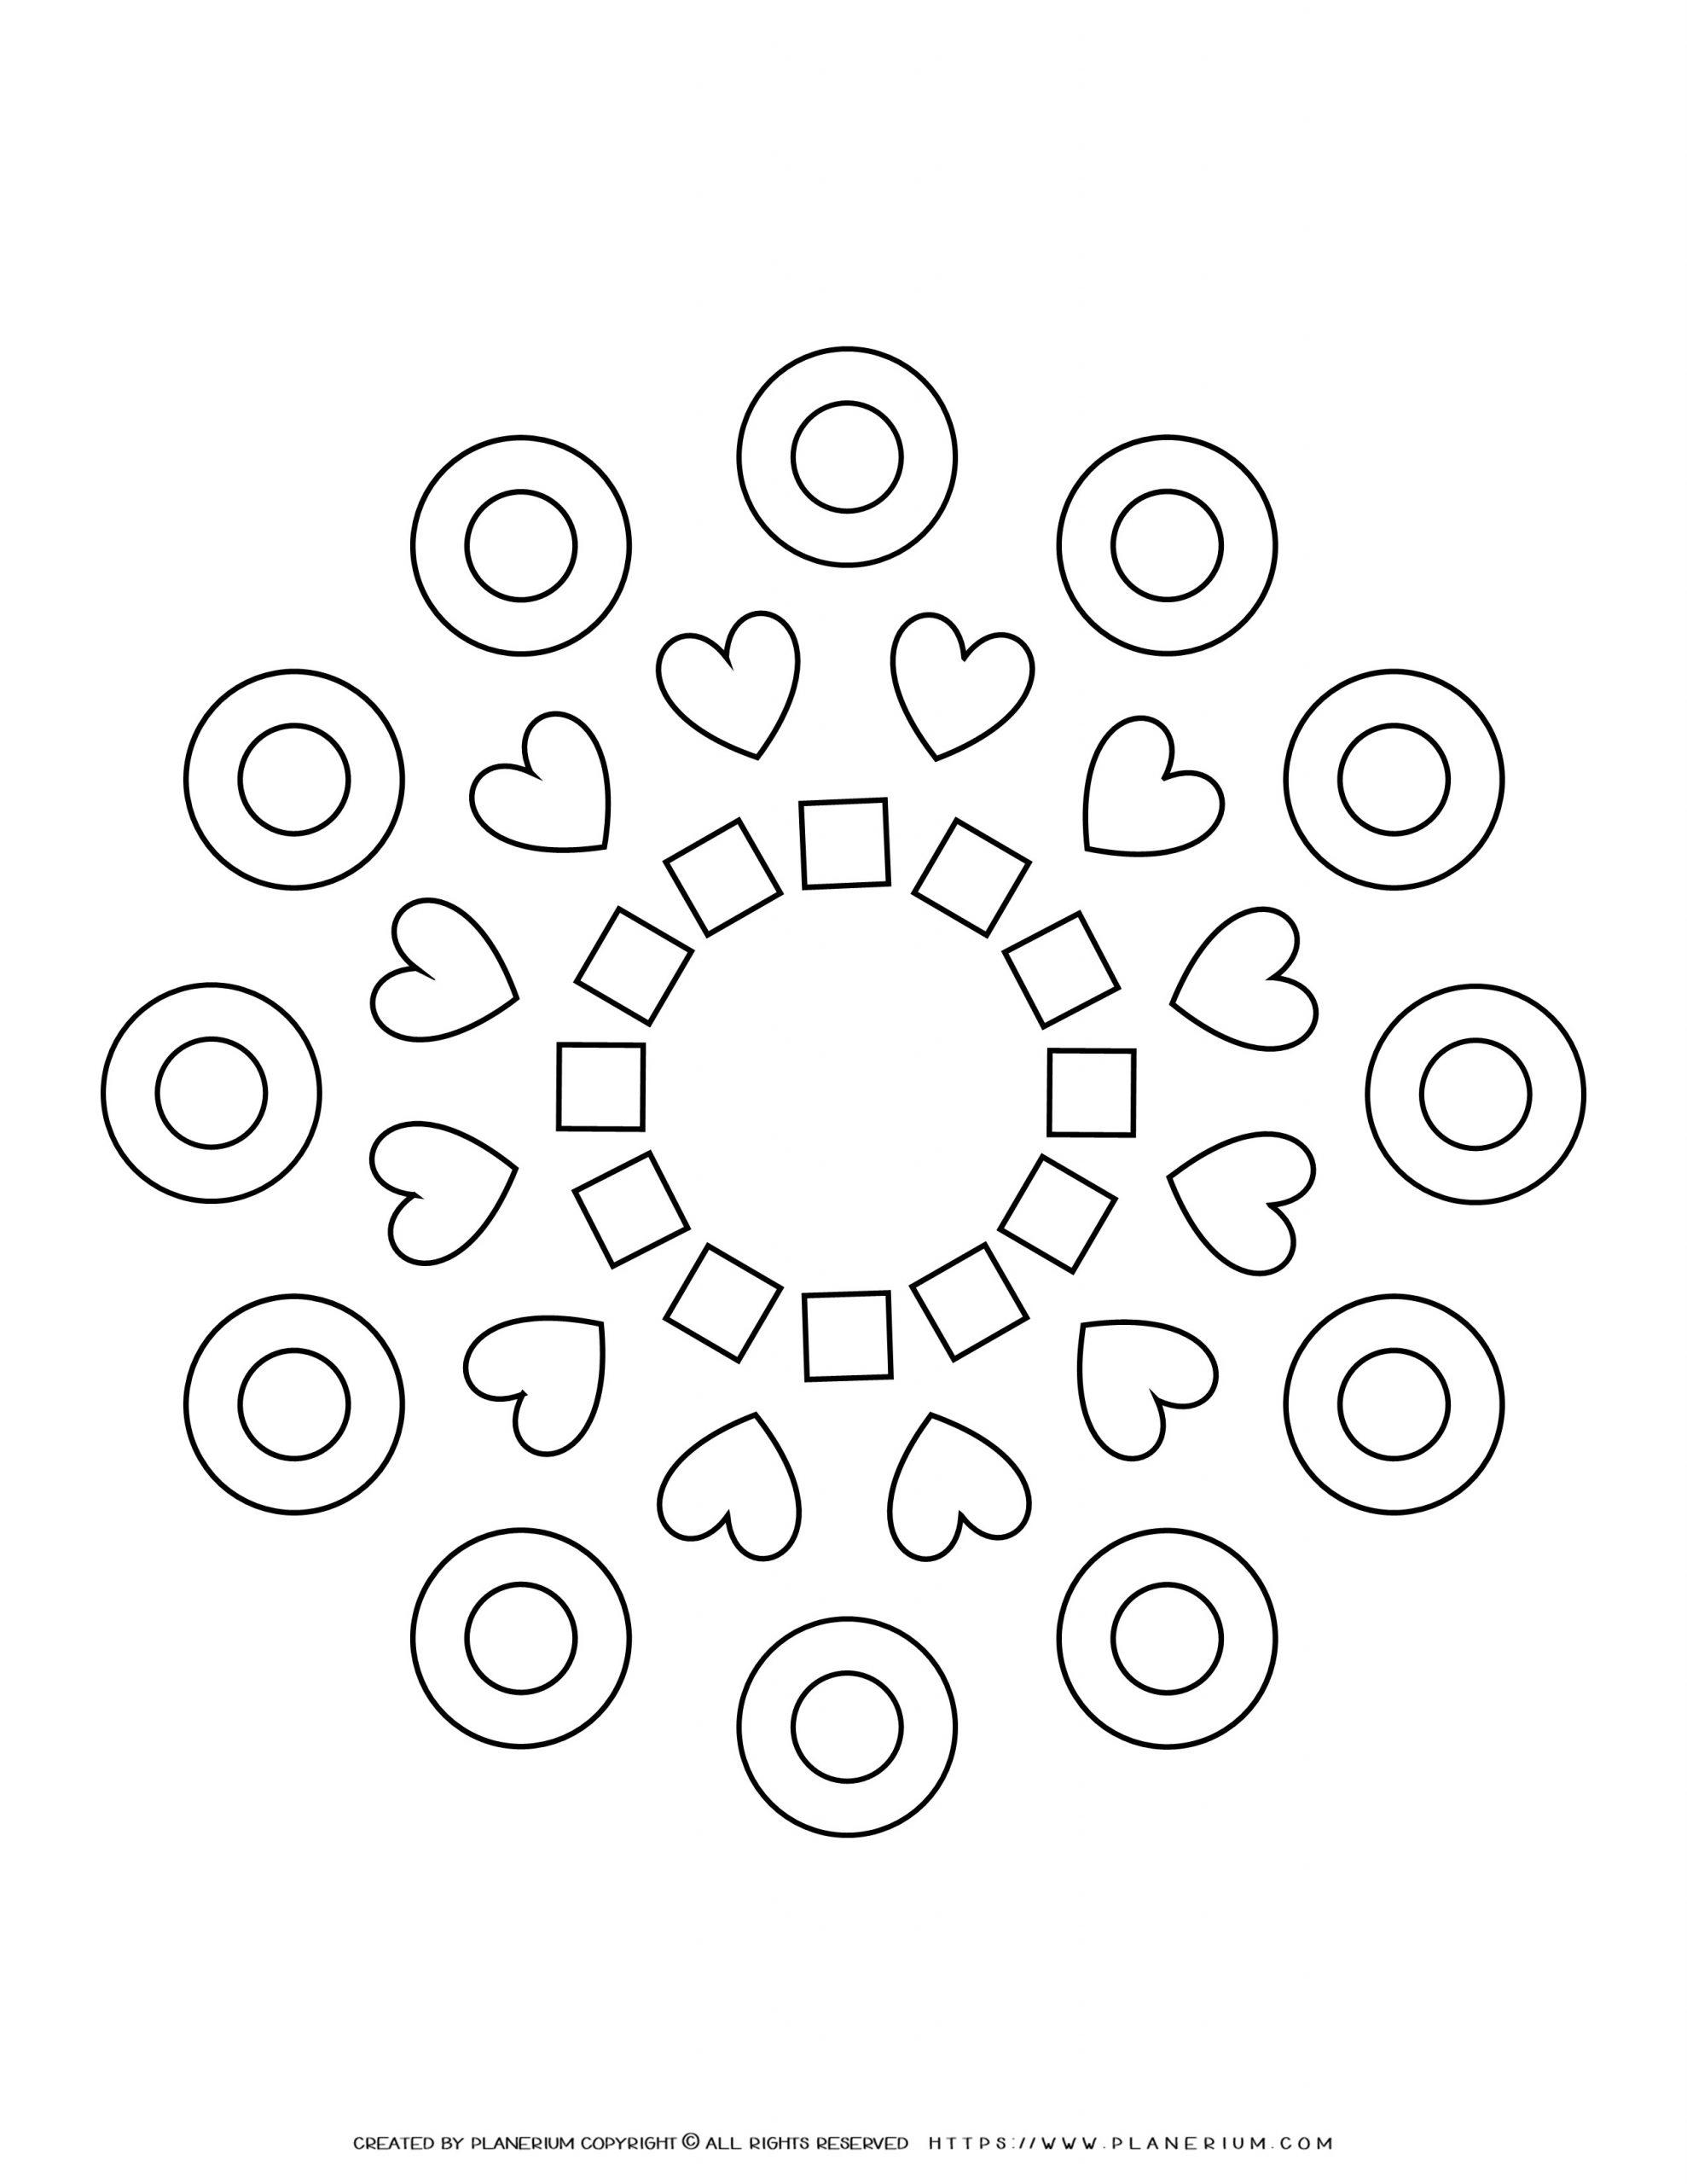 All Seasons - Coloring Page - Hearts and Rings Mandala